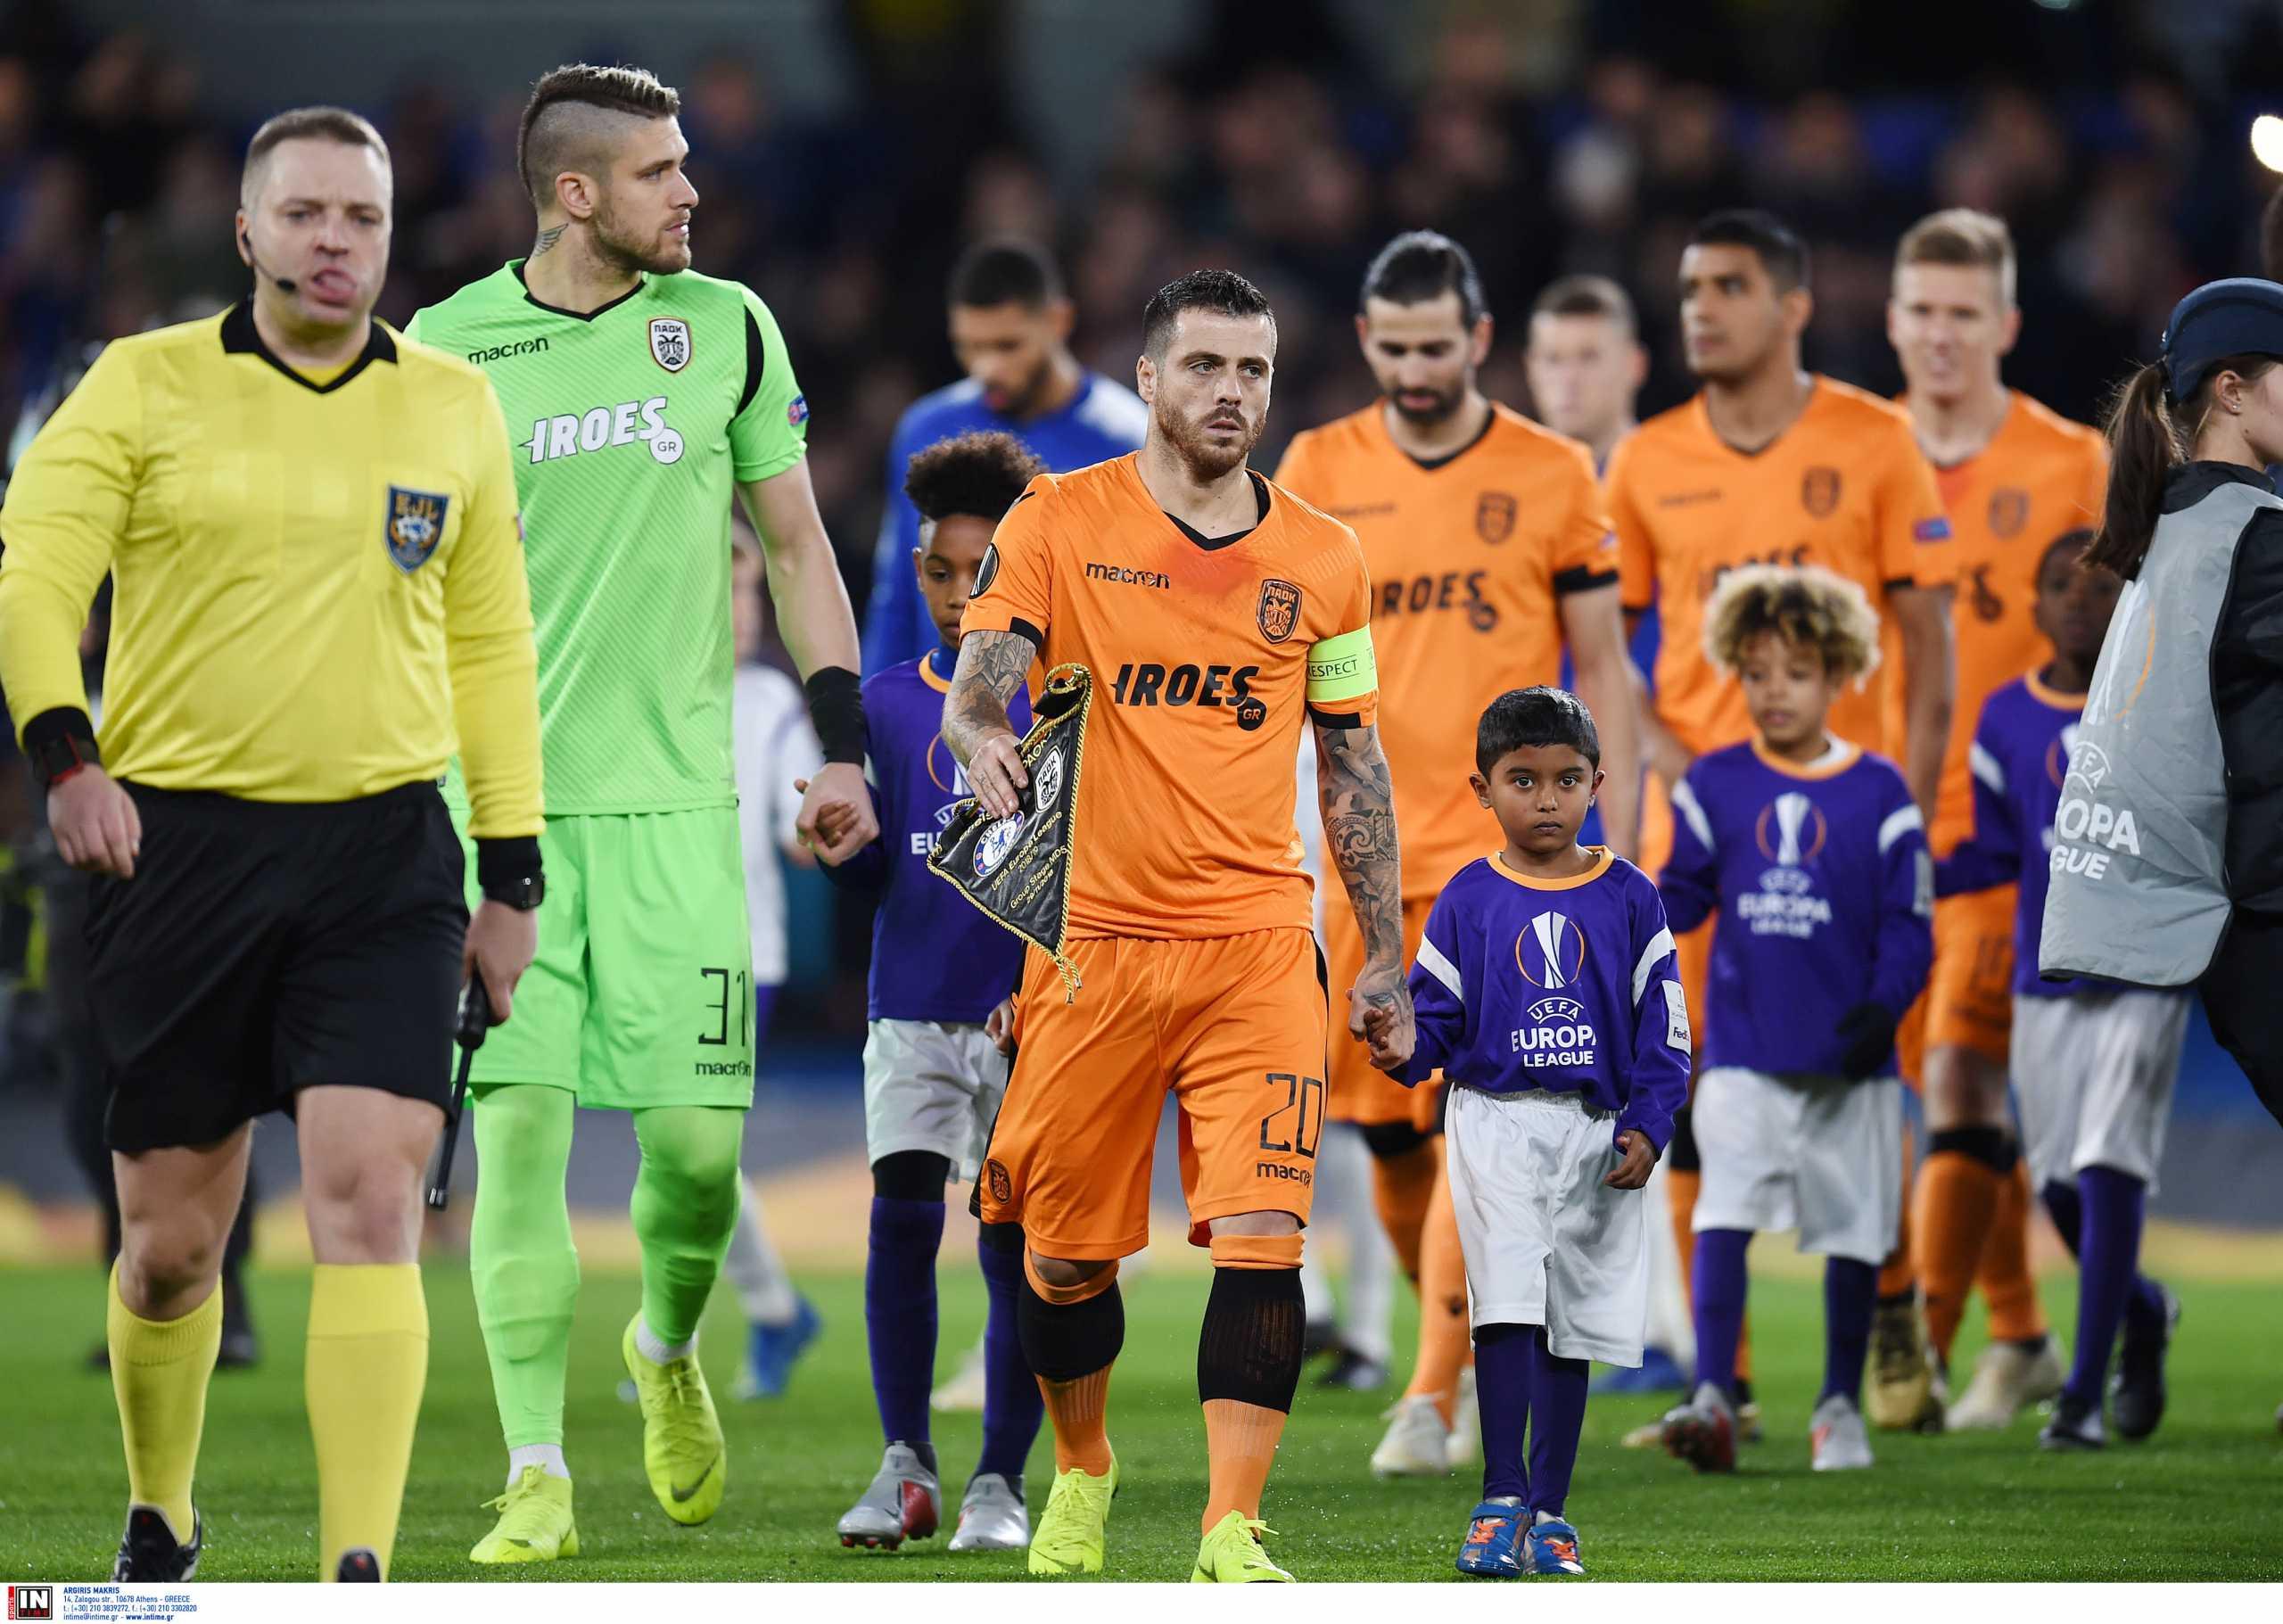 Παναθηναϊκός – ΠΑΟΚ: Θετικός στον κορονοϊό ο Εσθονός διαιτητής που «σφυρίζει» το ματς